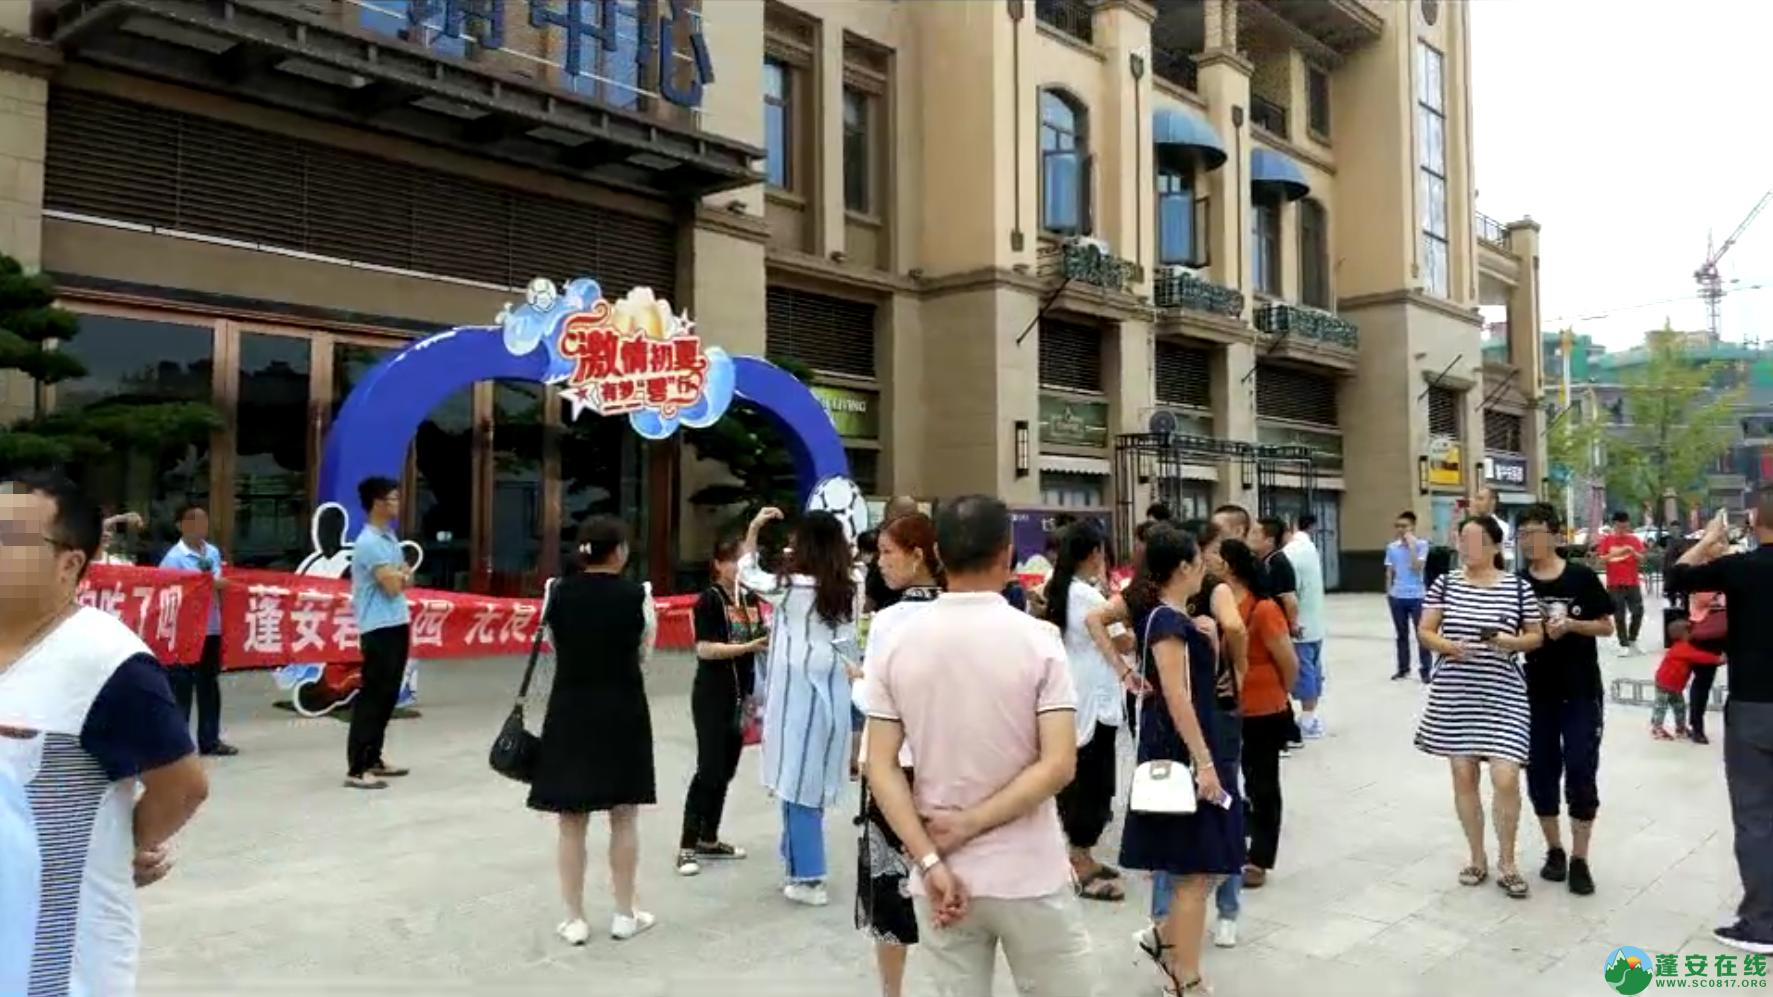 蓬安碧桂园业主因物业收费和房屋出现质量问题引发集体维权 - 第8张  | 蓬安在线